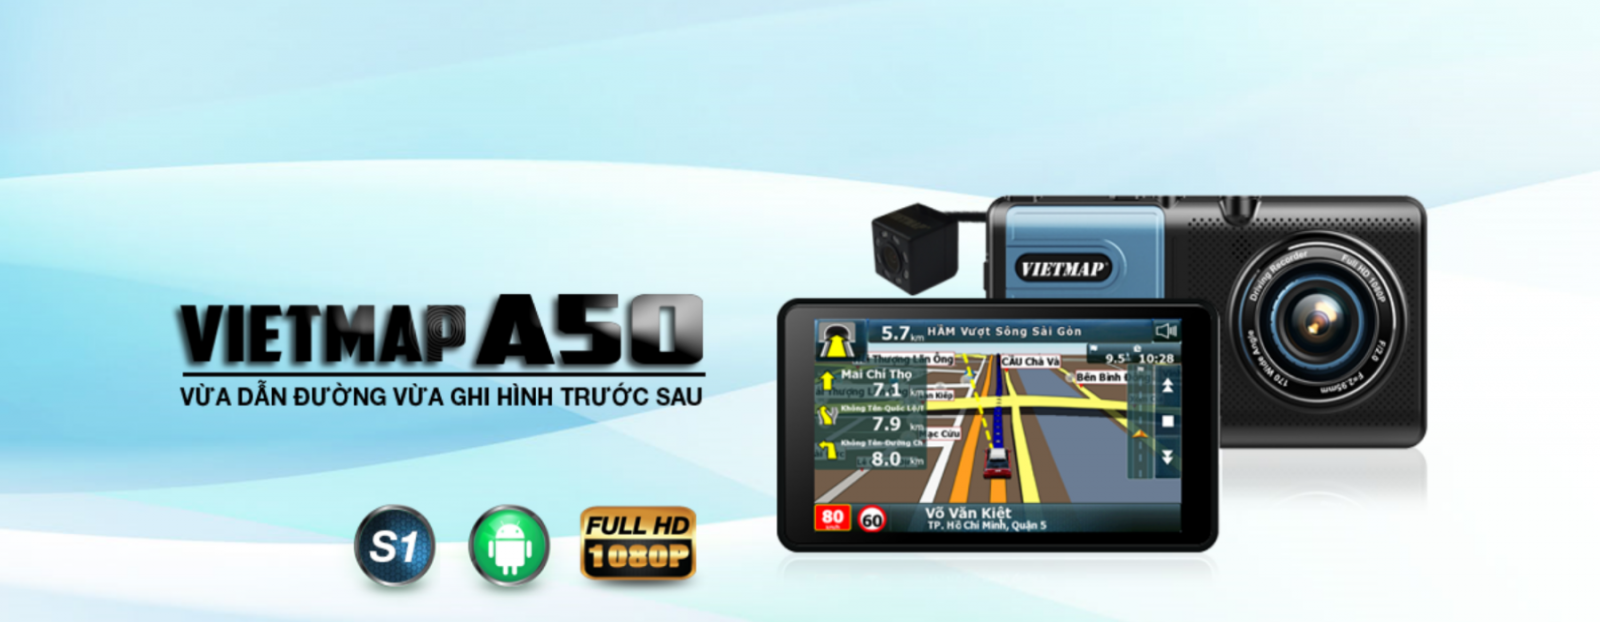 camera-hanh-trinh-vietmap-a50-2